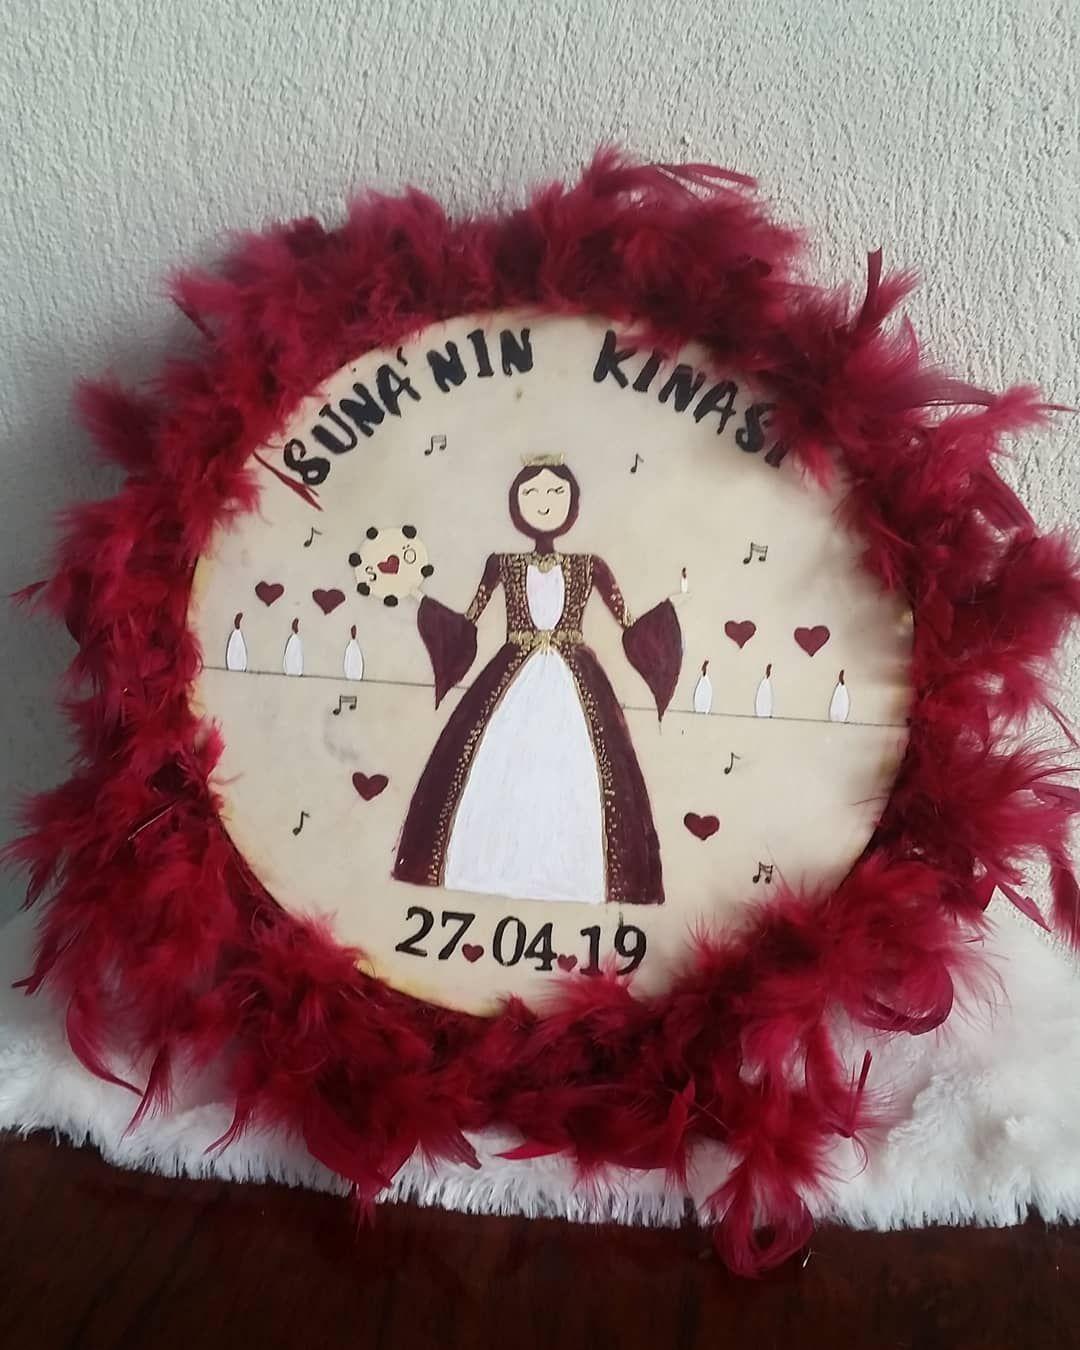 @ozkan_sunam için hazırlandı  . .. . . . . . . . #gelinsaci #gelinsaçı #dugun #wedding #gelincicegi  @ozkan_sunam için hazırlandı  . .. . . . . . . . #gelinsaci #gelinsaçı #dugun #wedding #gelincicegi #gelinbuketi #bridalbouqet #bridal #sacaksesuari #gelintaci #gelintacı #hairaccessories #bouqet #gelinbuketi #cicekci #çiçekci #magazin #haberler#gulbuketi #gelinkupesi #gelinküpesi #kinagecesi #nedimebilekligi #kinataci #lohusataci #kapisusu#elbuketi #gelinaksesuarı #gelinurunleri#kinatefi #kınate